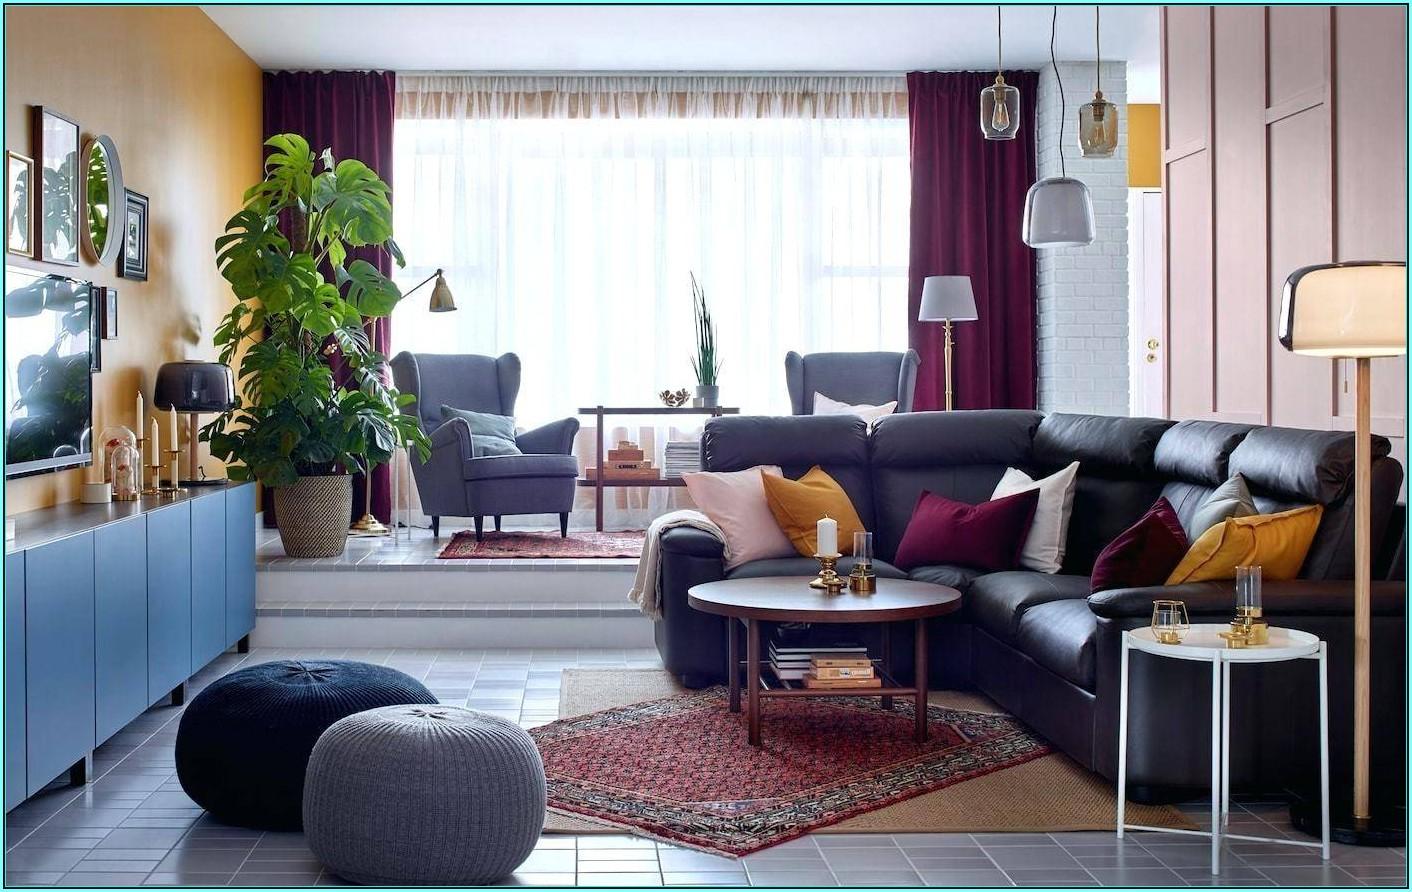 Wohnzimmer Ikea Ideen